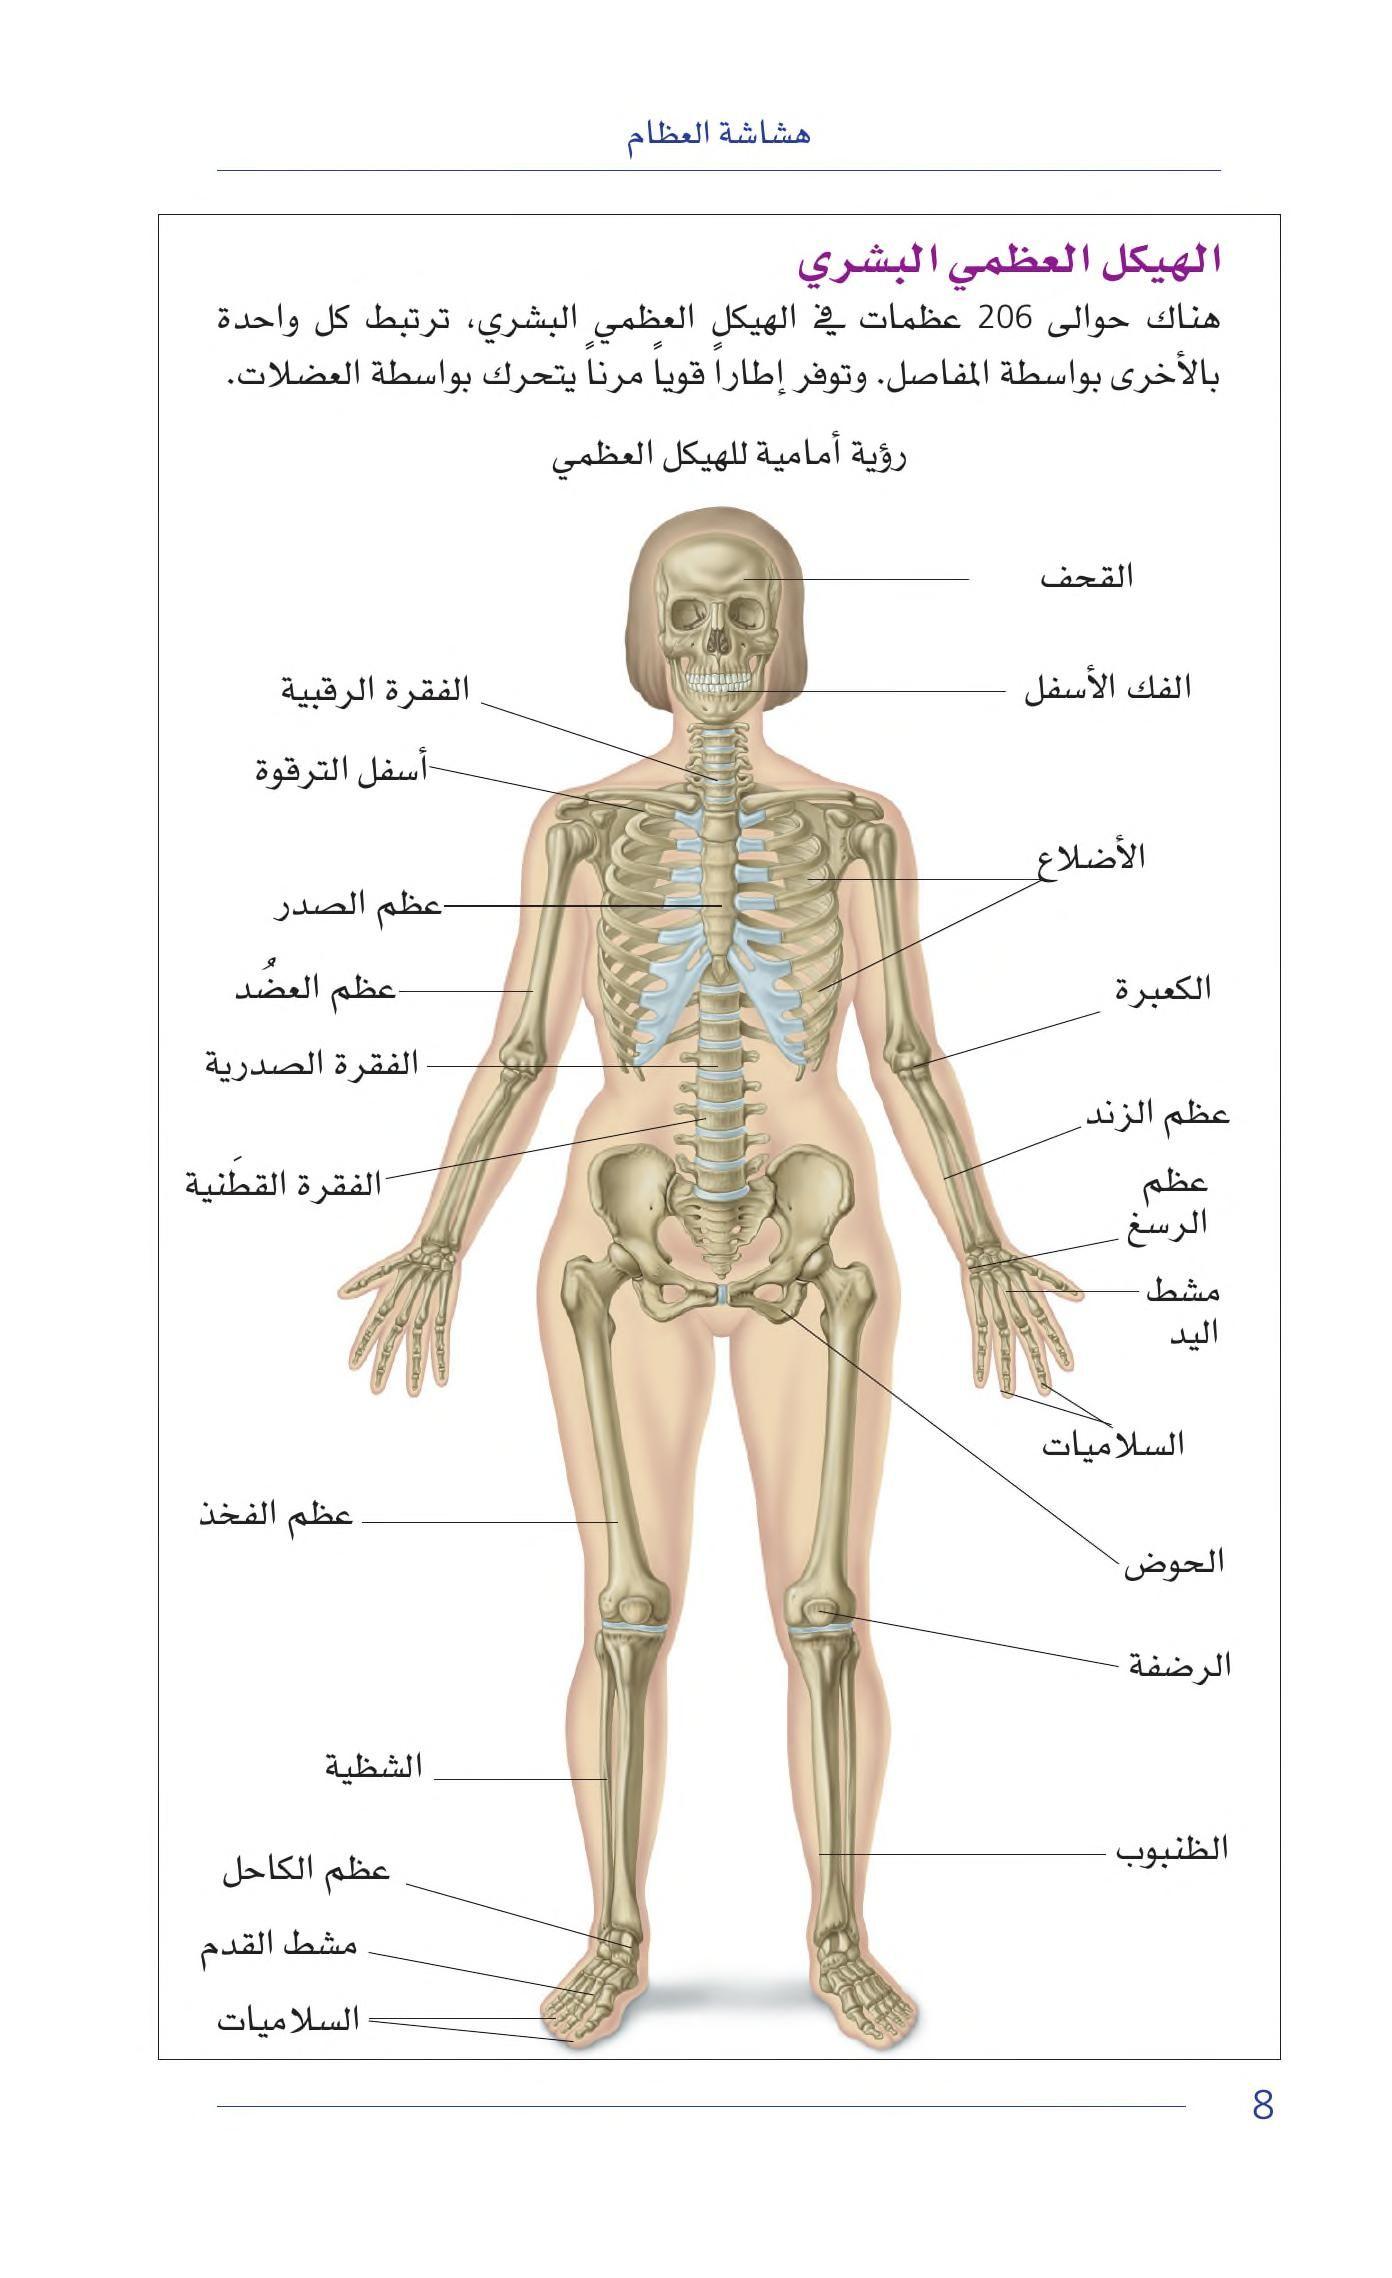 Https Archive Org Stream 20200321 20200321 1835 كتب طبيب العائلة هشاشة العظام Internet Archive